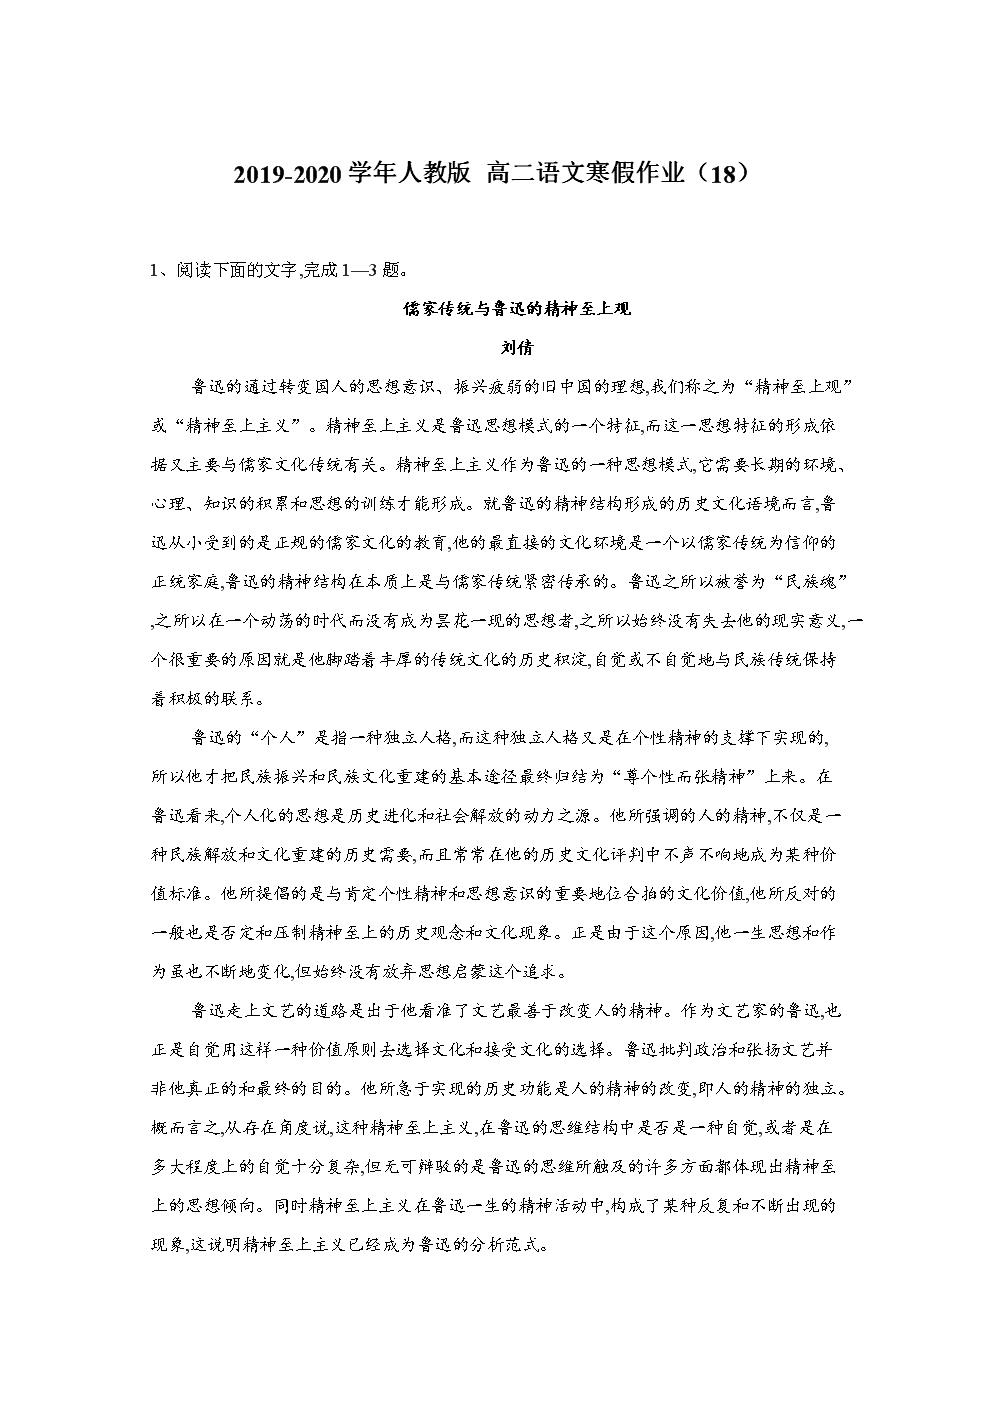 2019-2020学年人教版 高二语文寒假作业(18) Word版含答案.doc